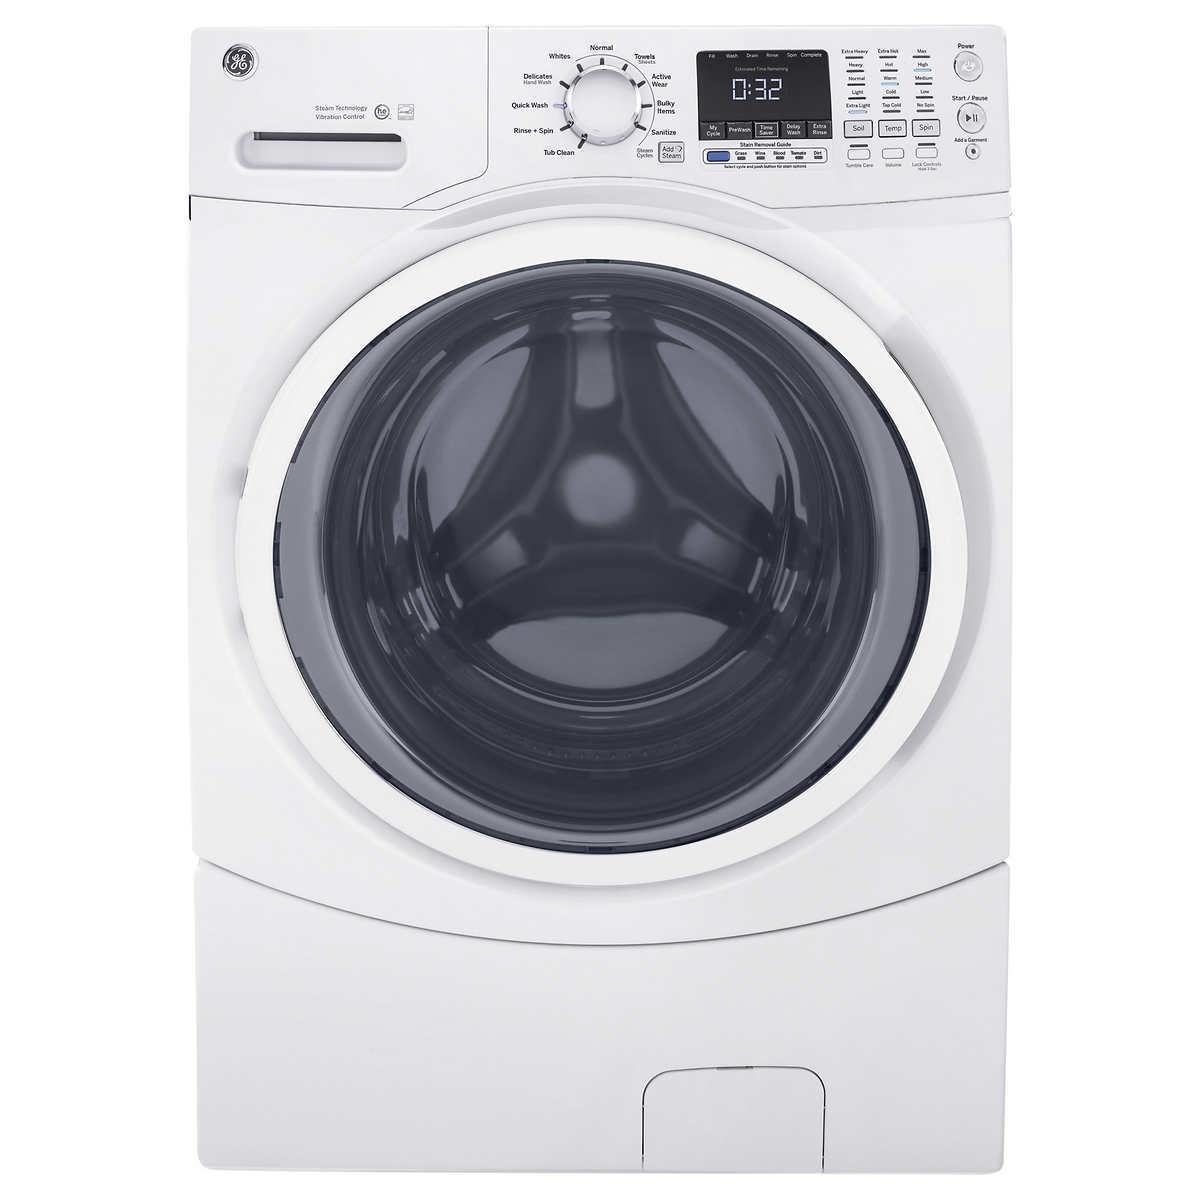 Kitchenaid Front Load Washer washers | costco